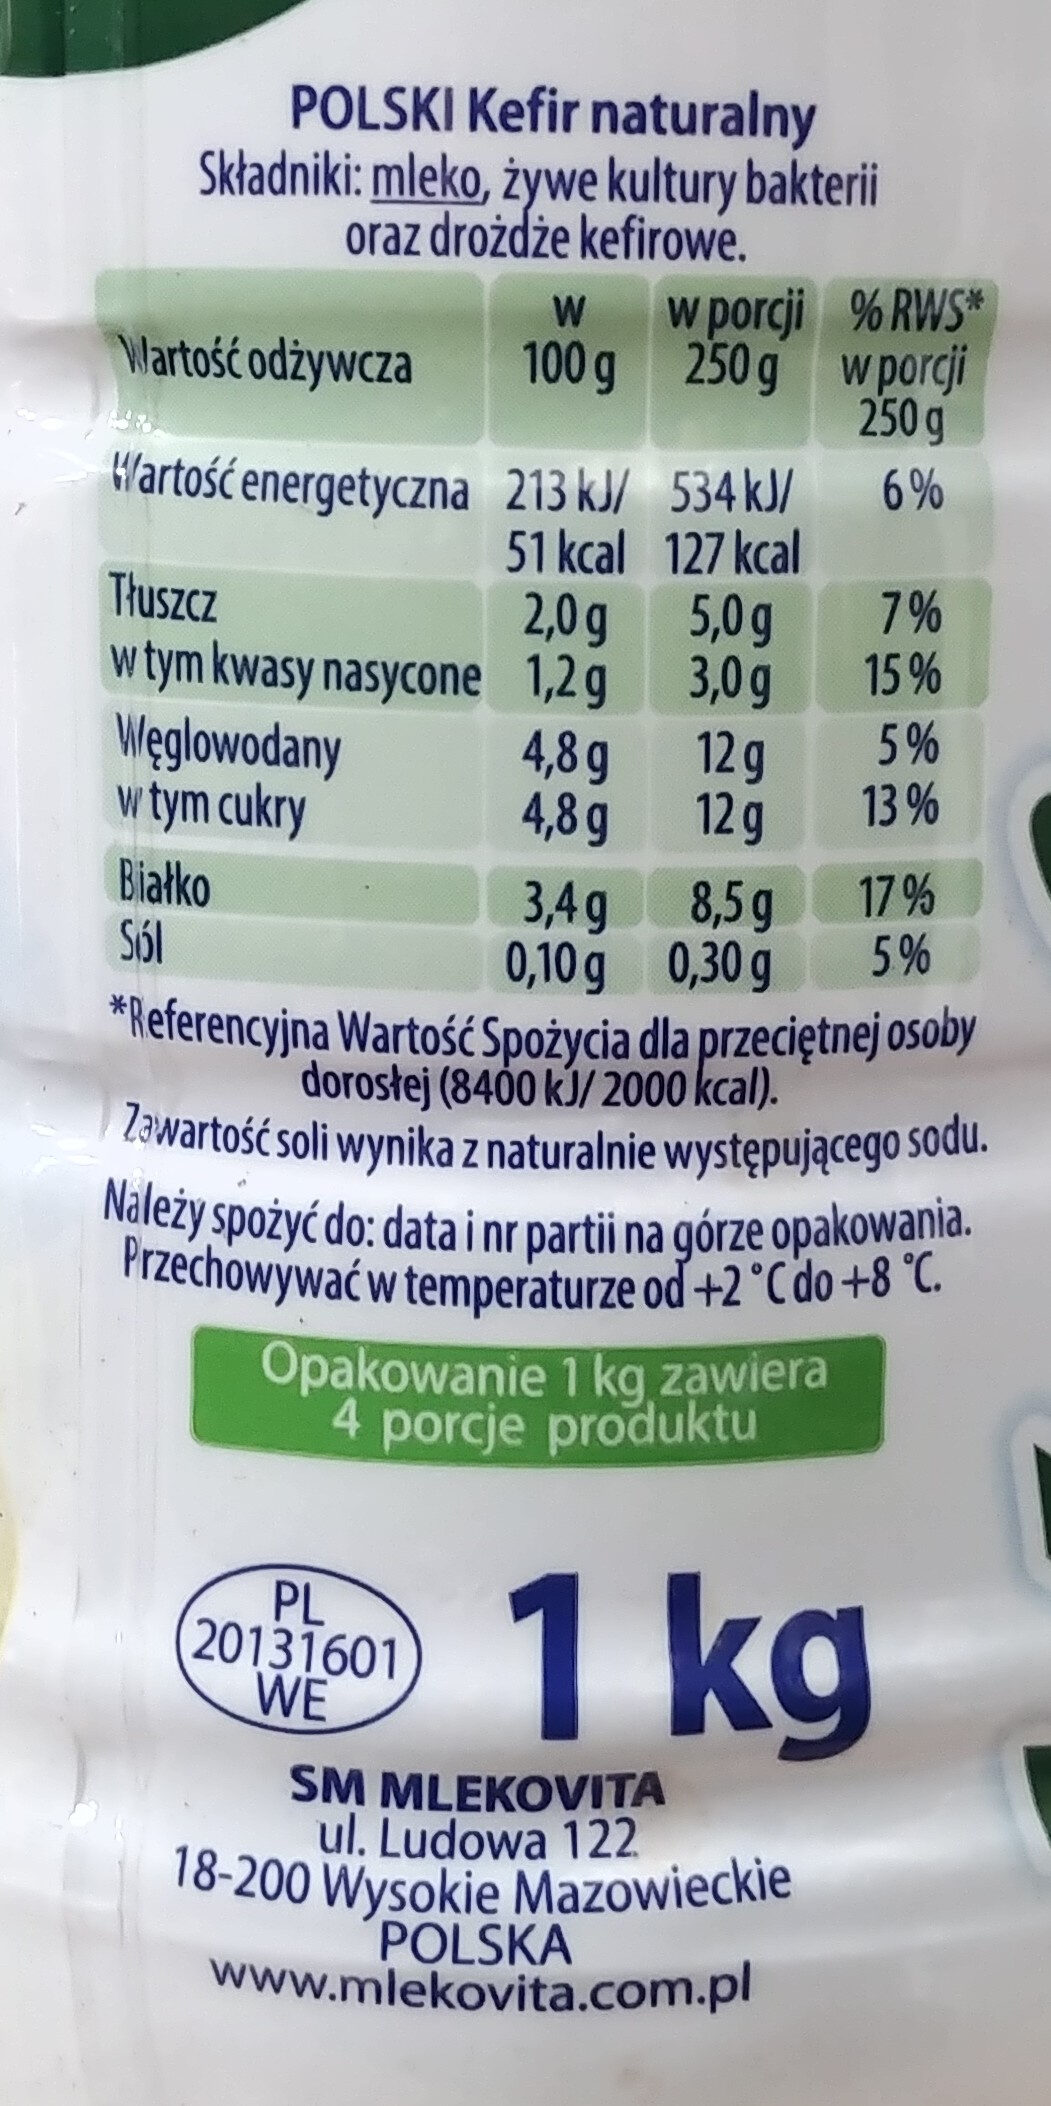 Kefir natury - Wartości odżywcze